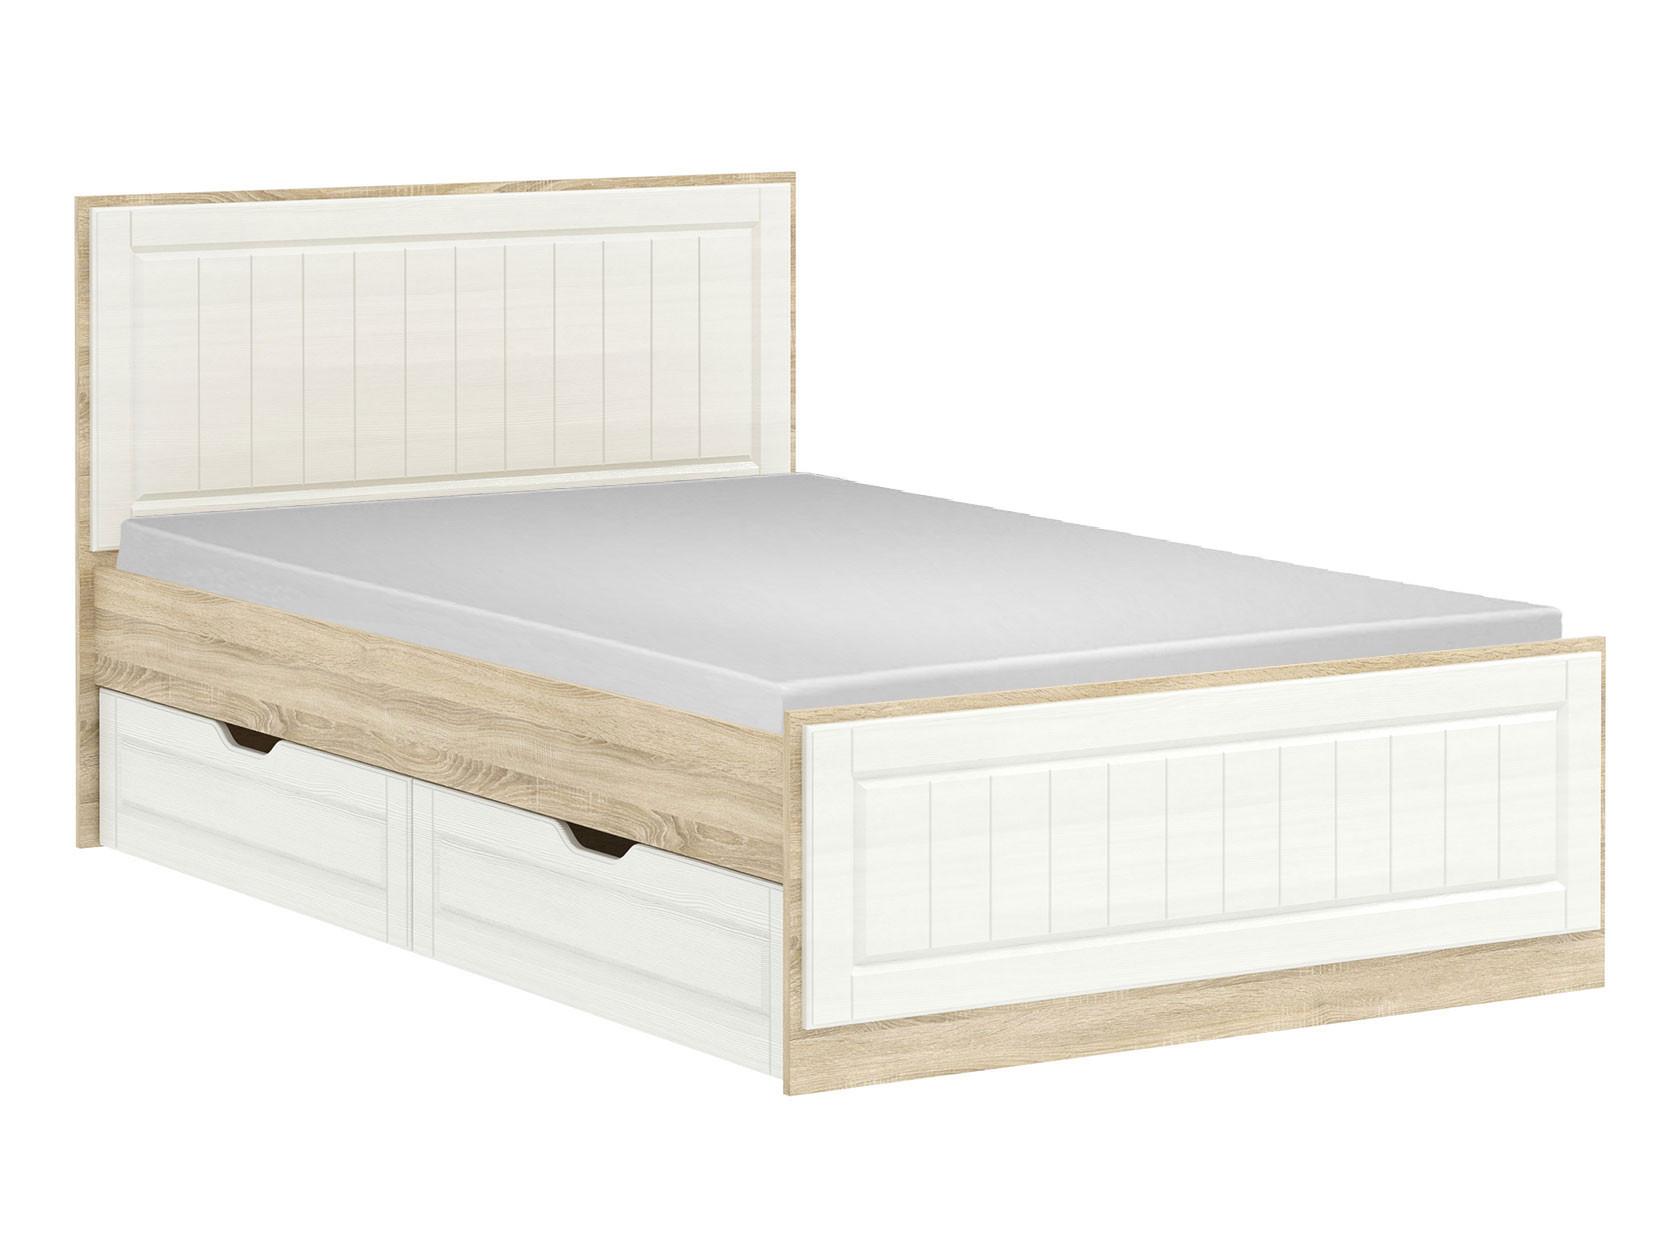 Односпальная кровать  Кровать Оливия Лайт НМ 040.34-02 Дуб сонома / Белое дерево, С ящиками